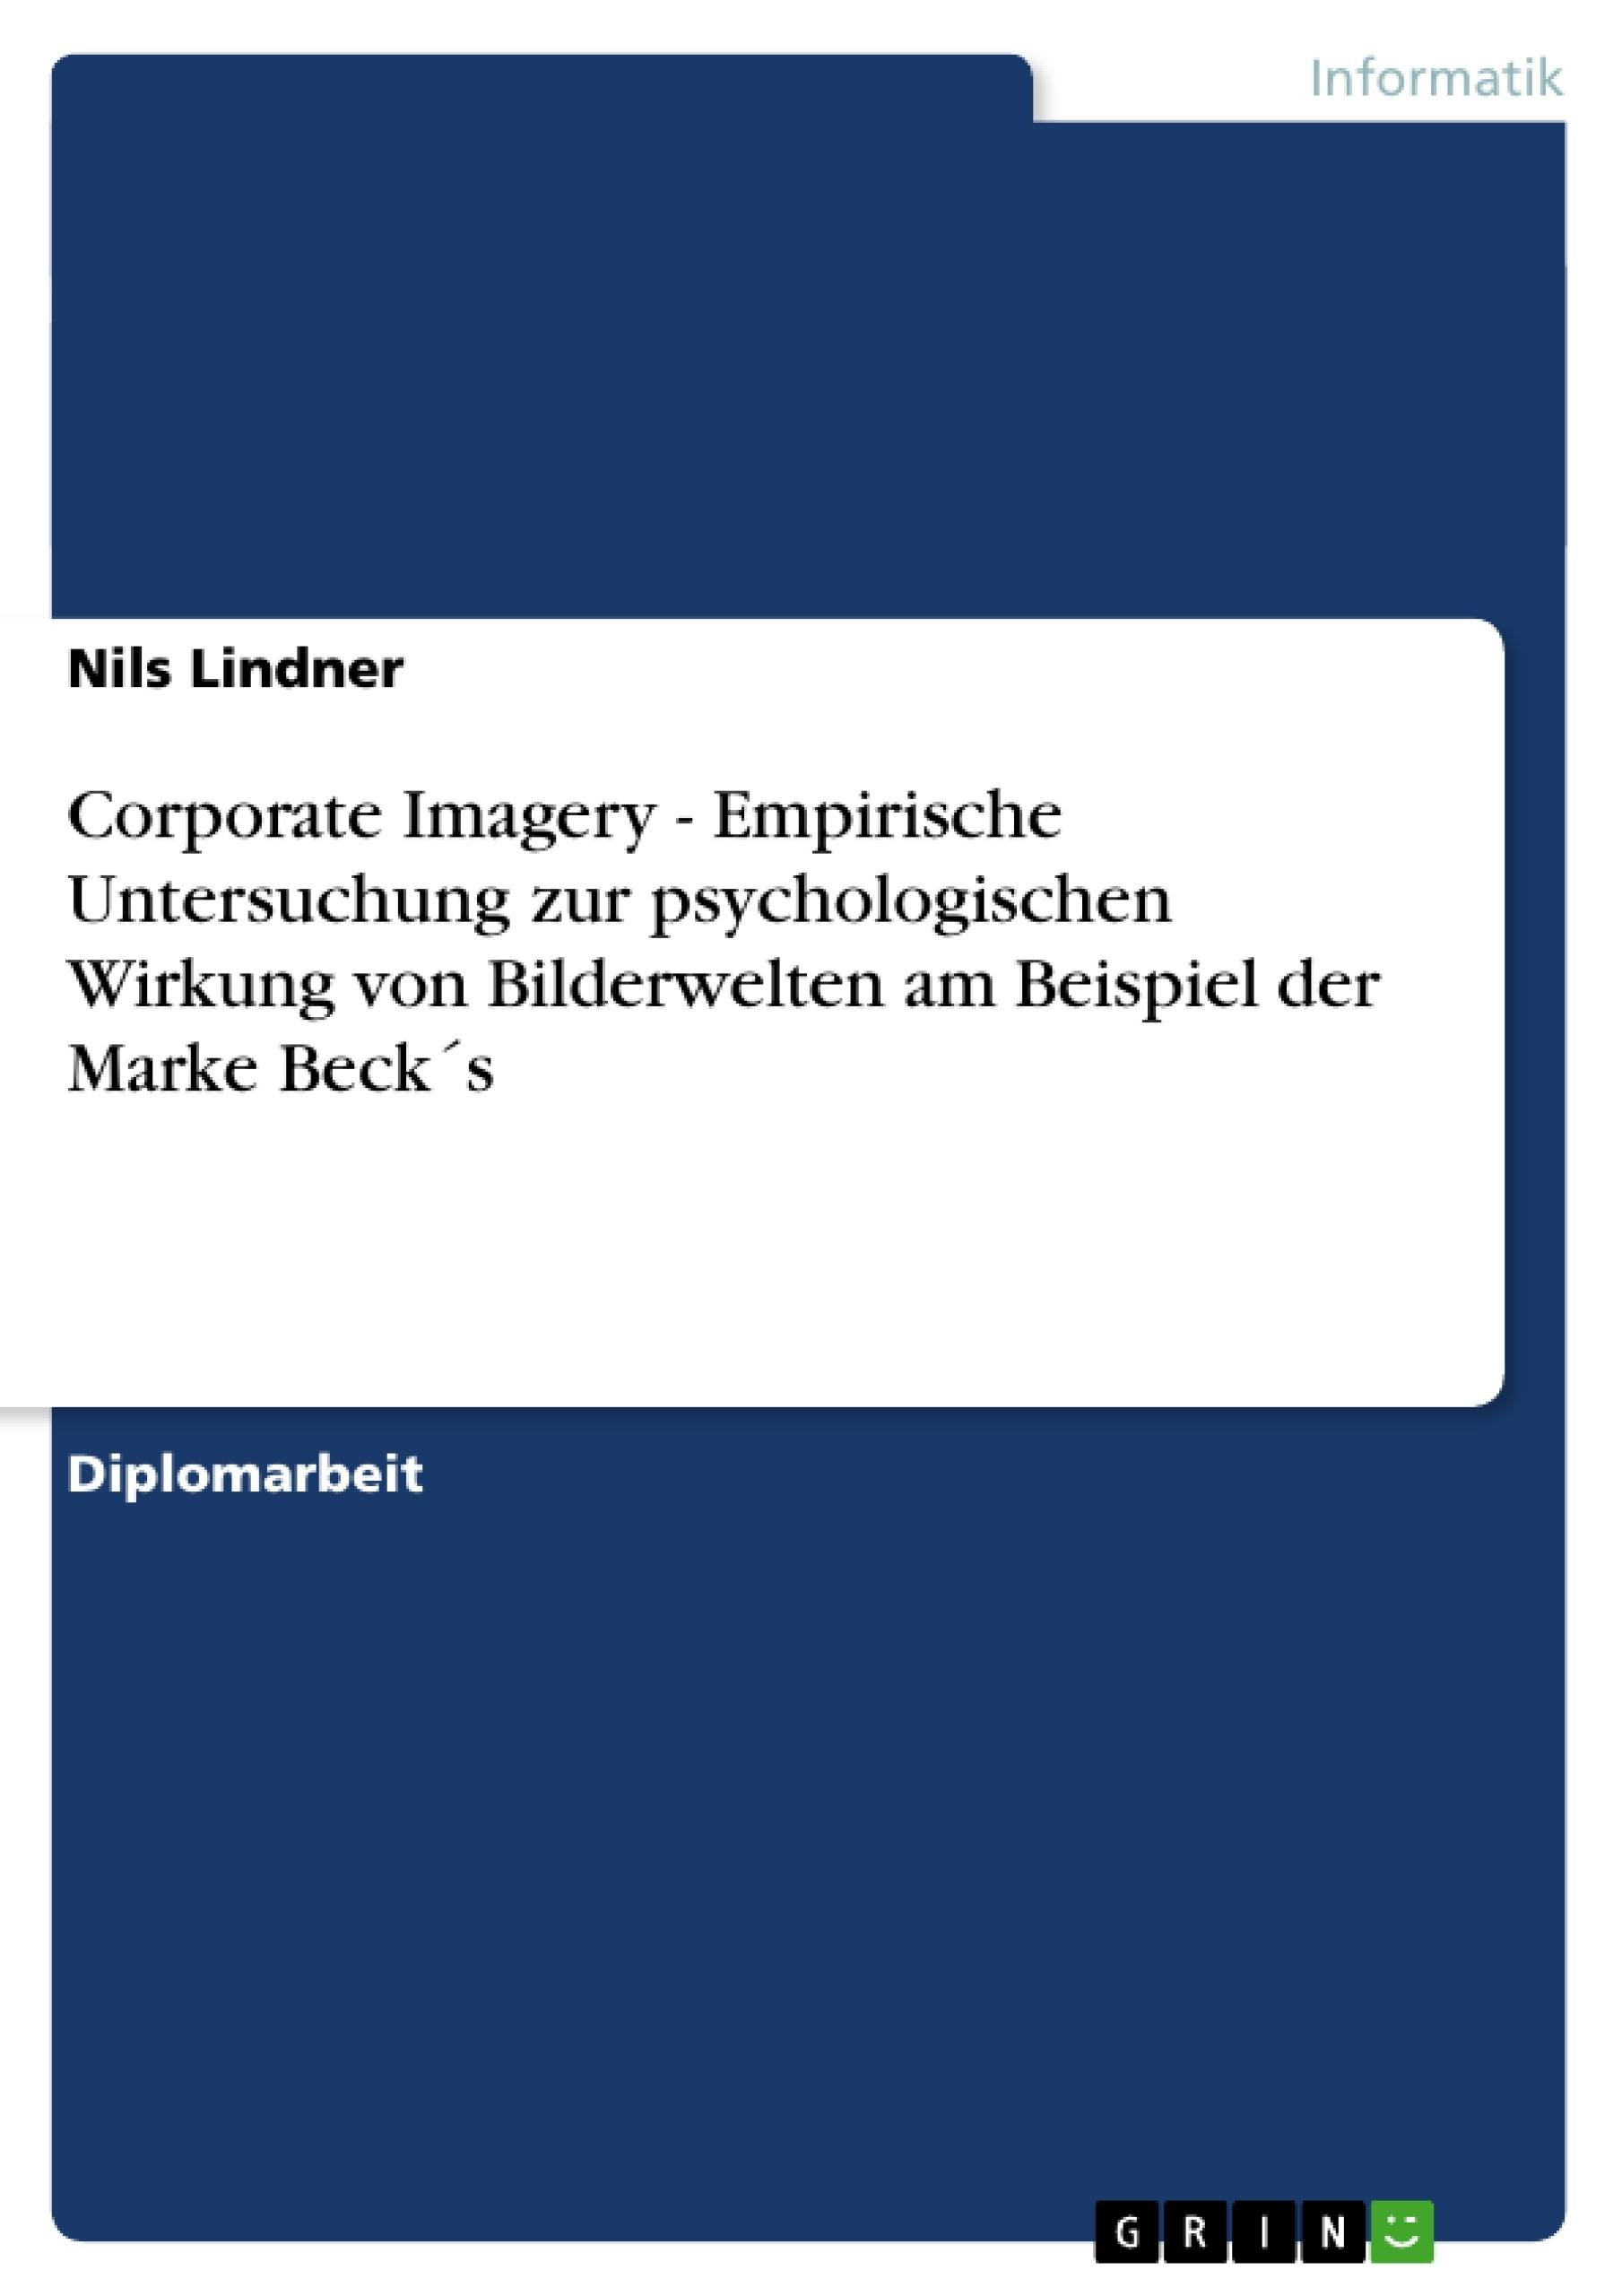 Titel: Corporate Imagery - Empirische Untersuchung zur psychologischen Wirkung von Bilderwelten am Beispiel der Marke Beck´s